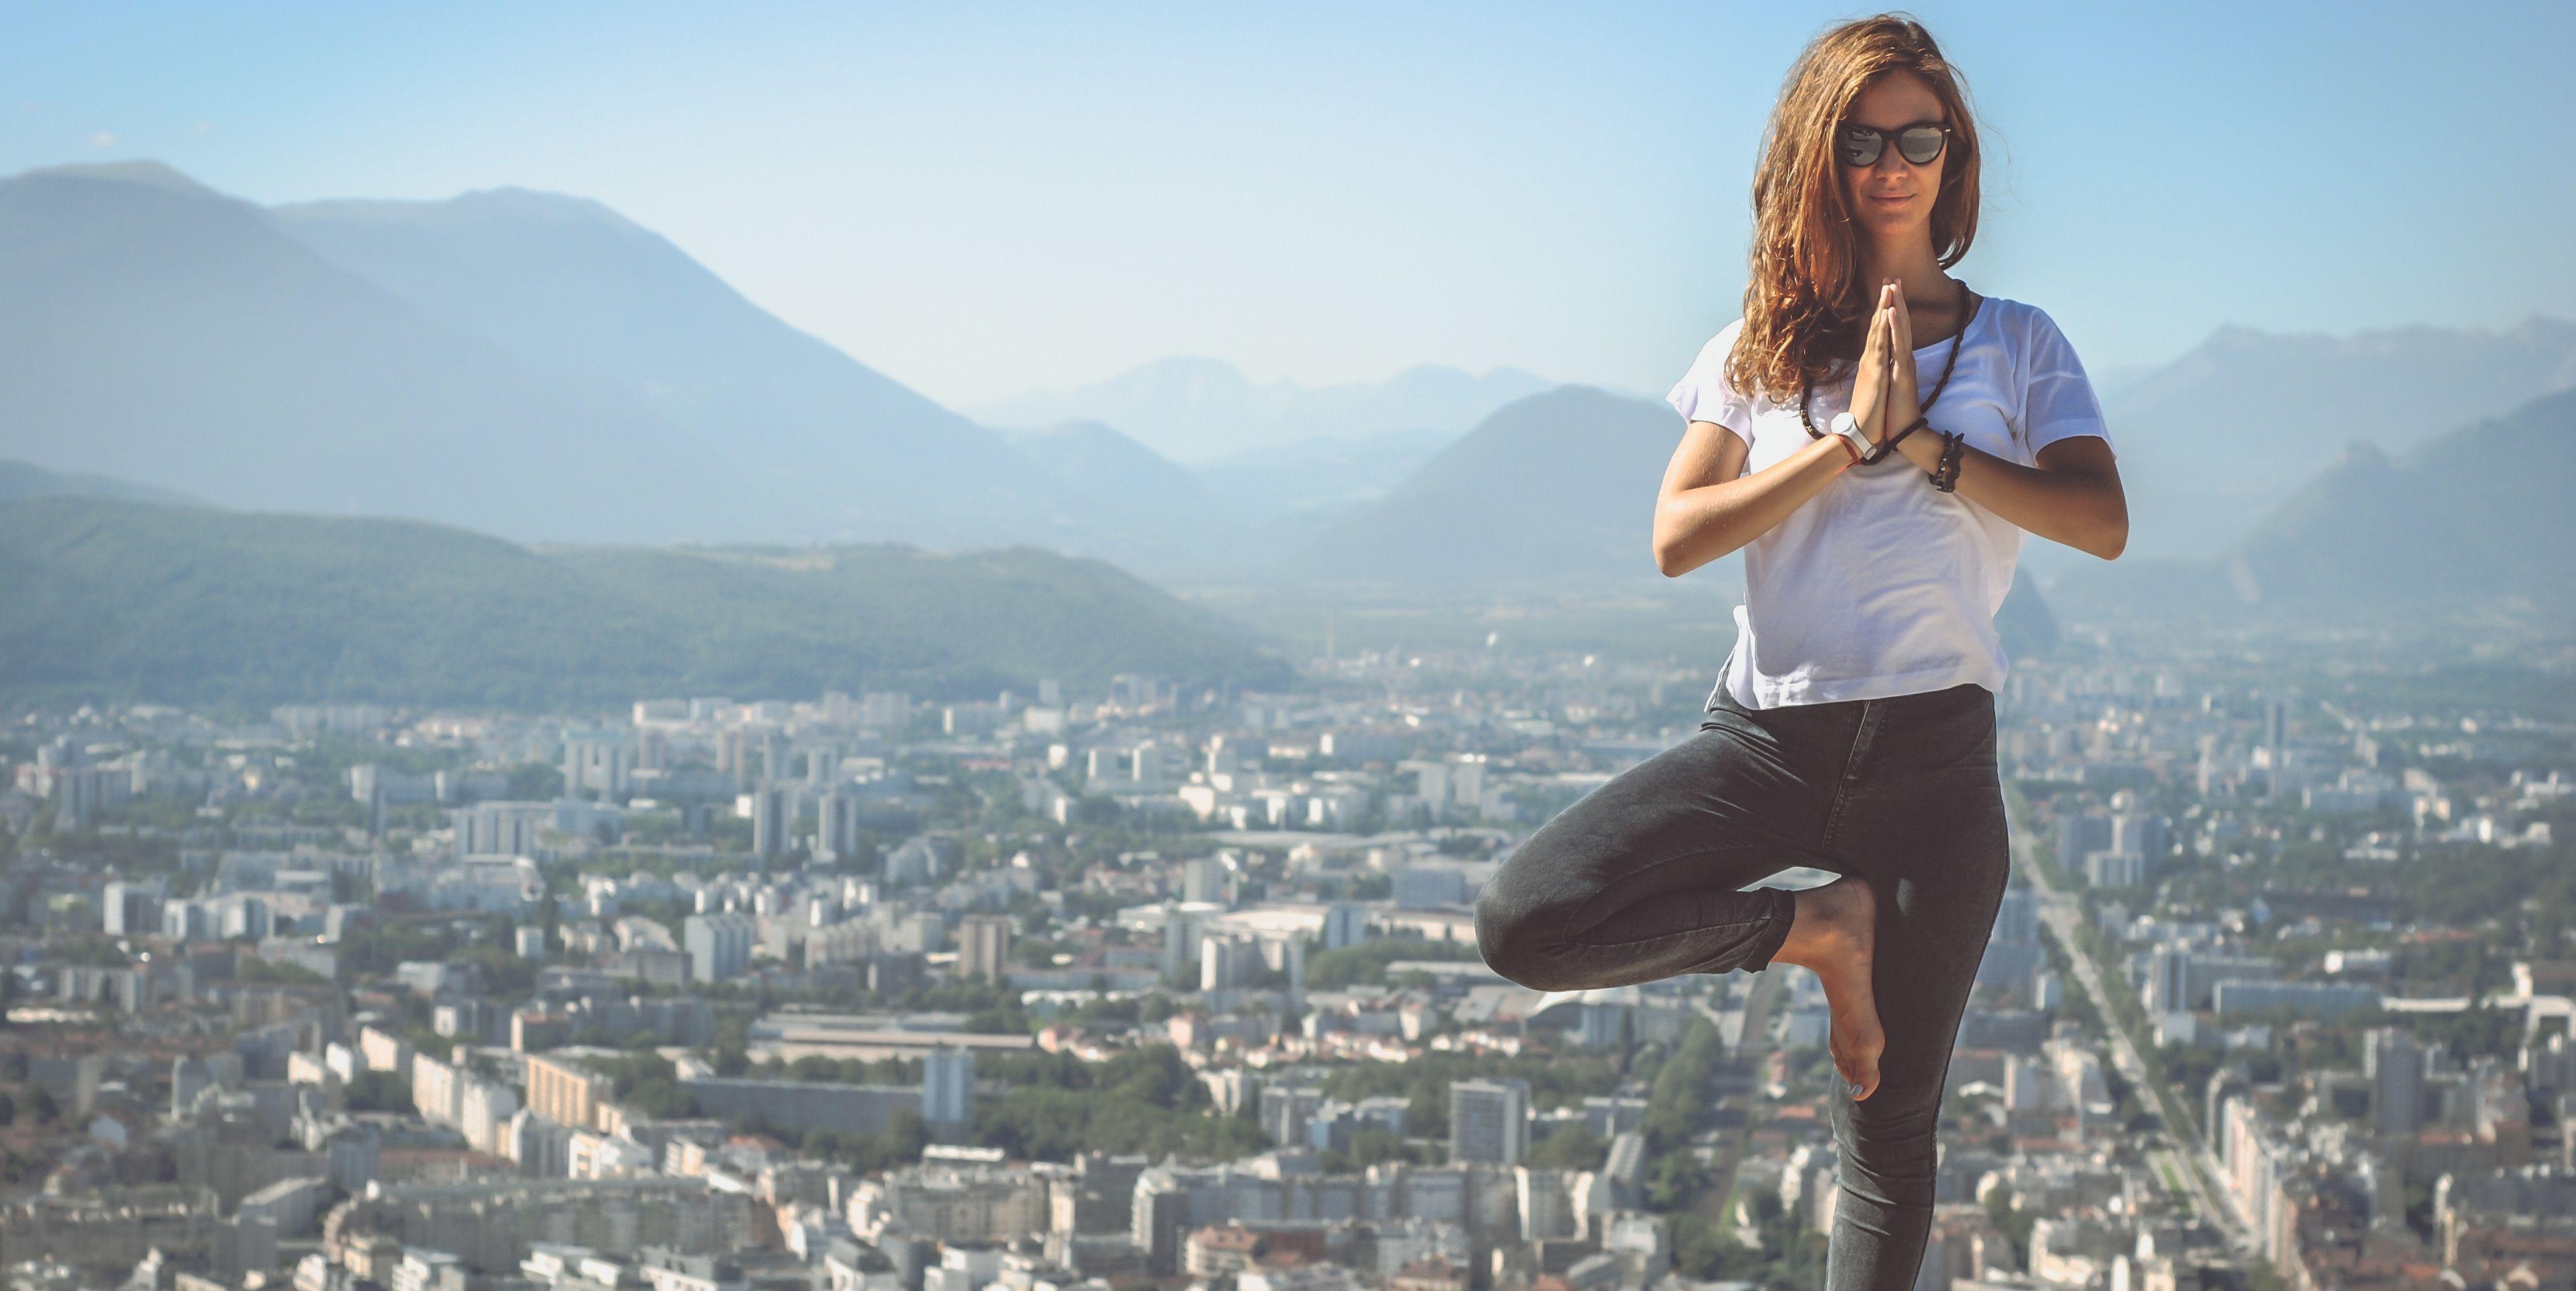 Praticare yoga tutti i giorni e ovunque sei ti conviene per questi 9 benefici